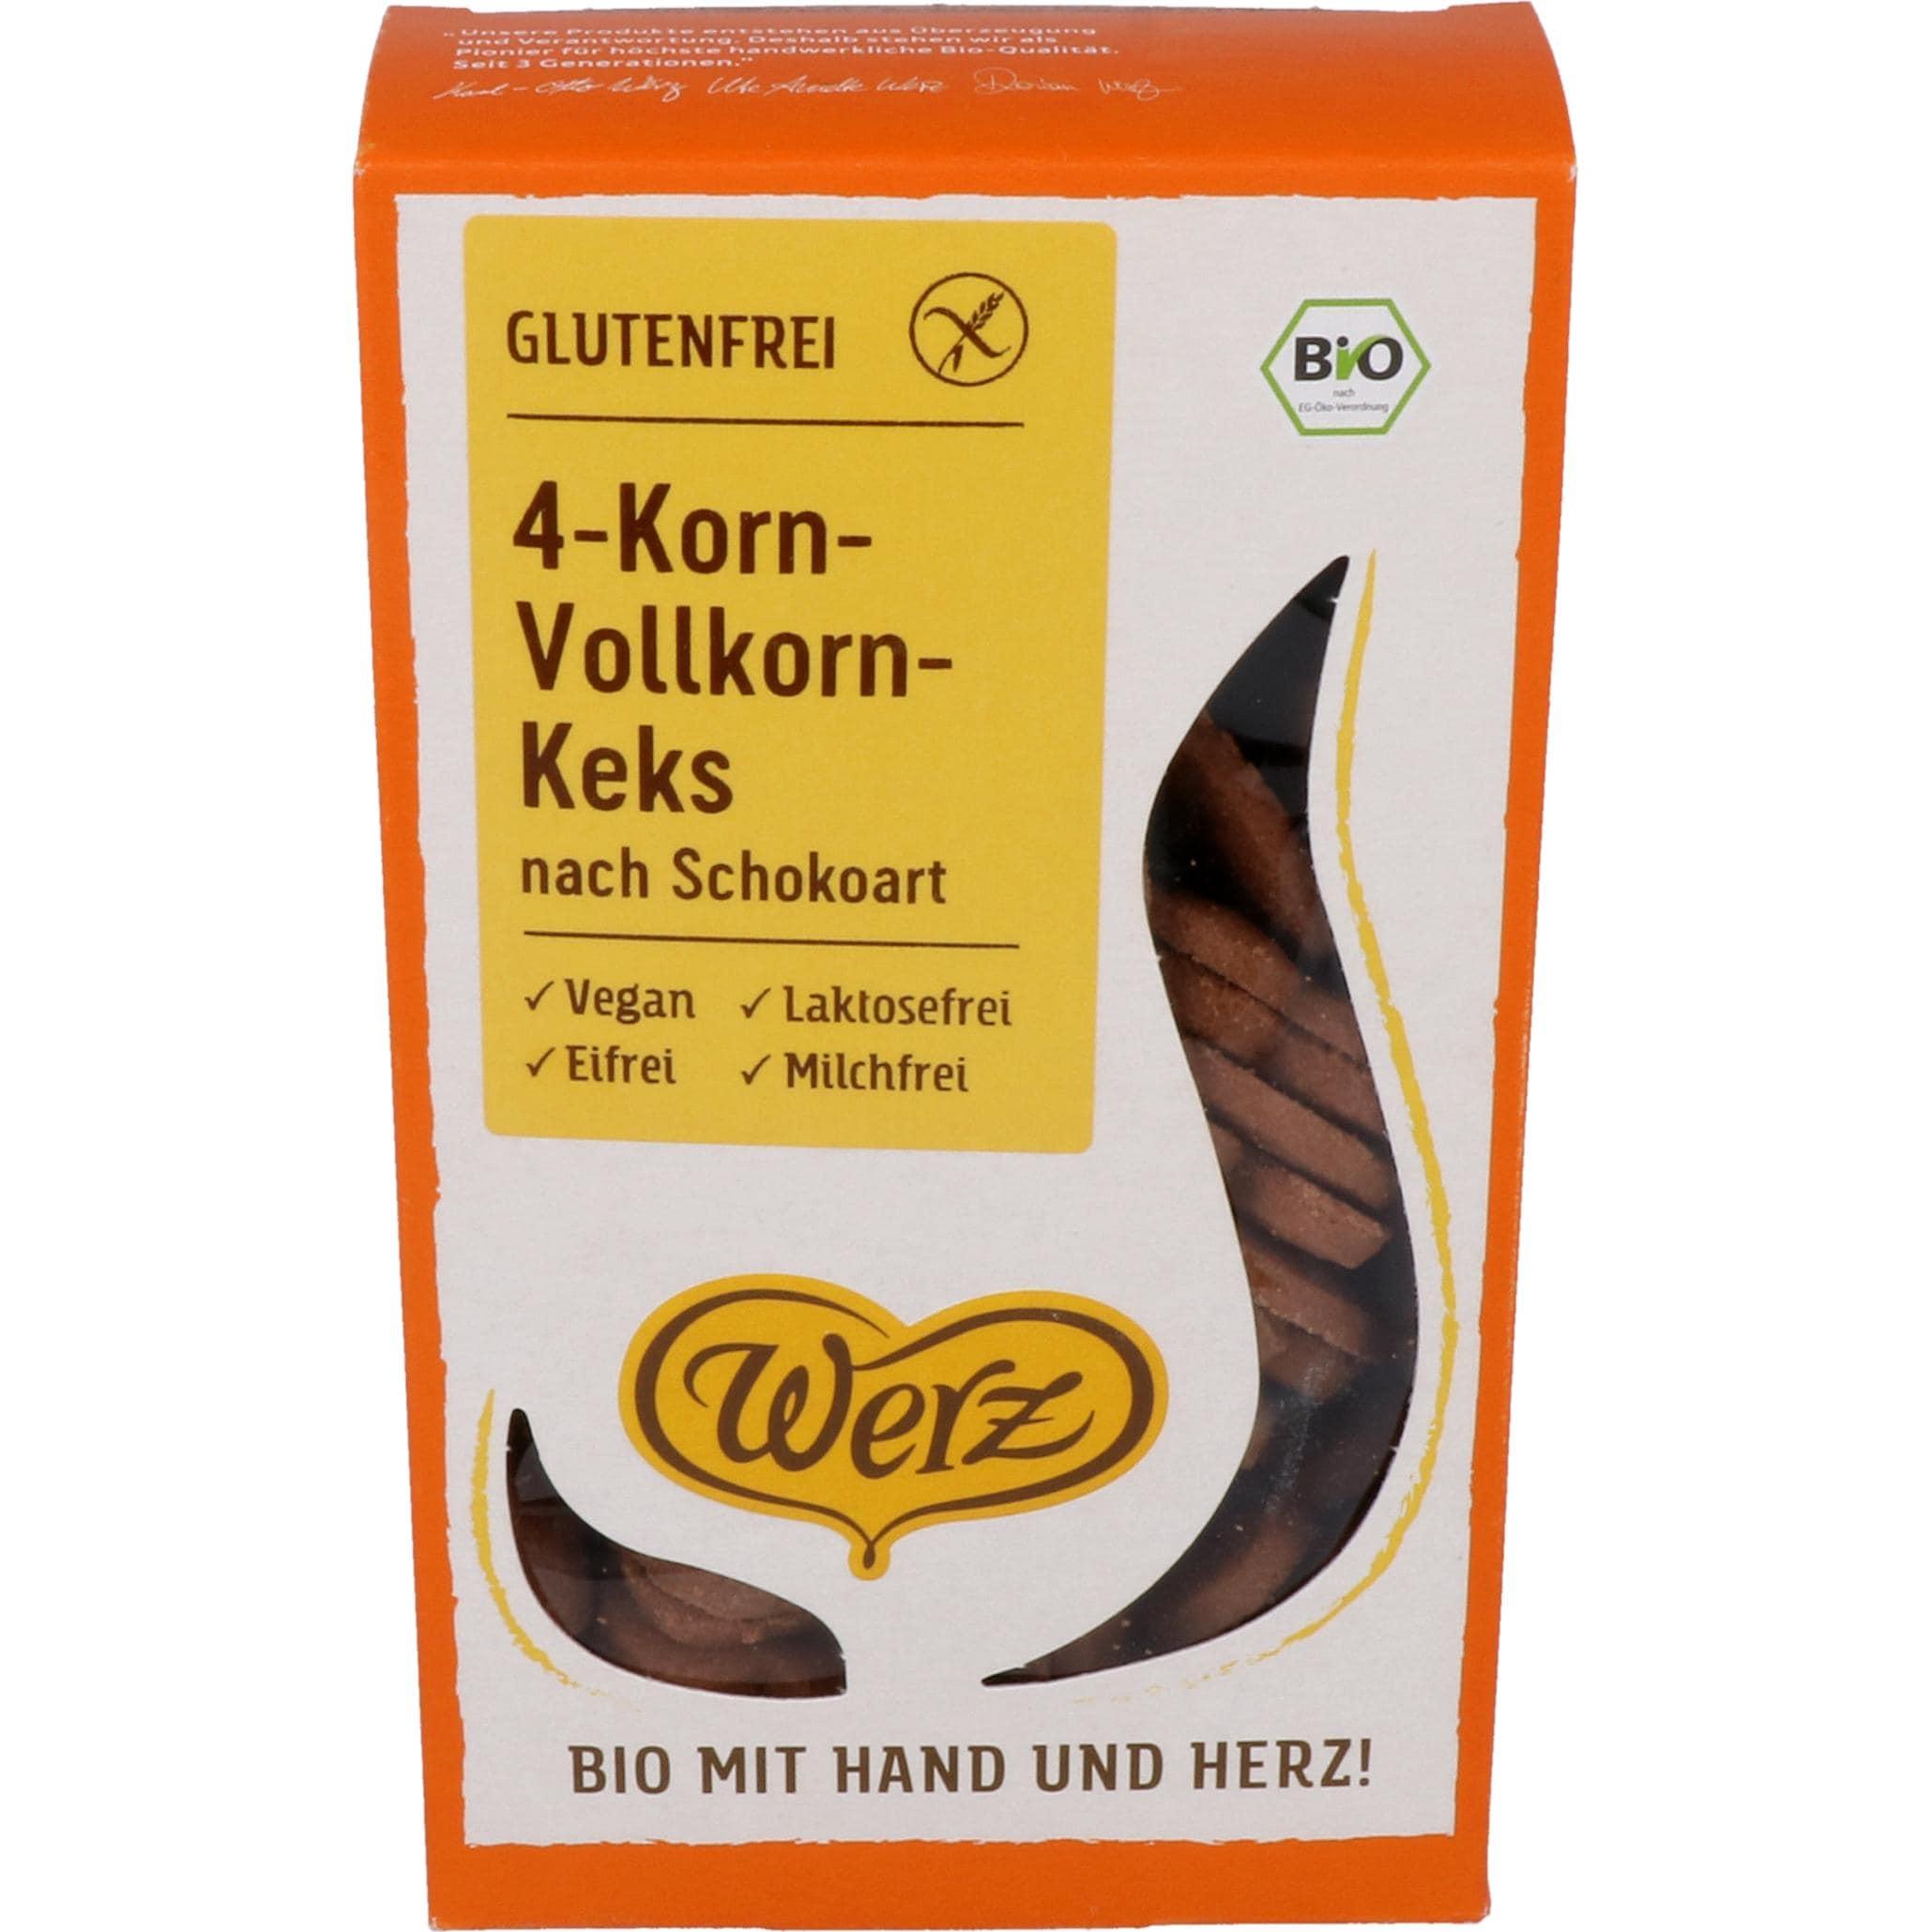 Werz Bio 4-Korn-Vollkorn-Keks nach Schokoart 150g